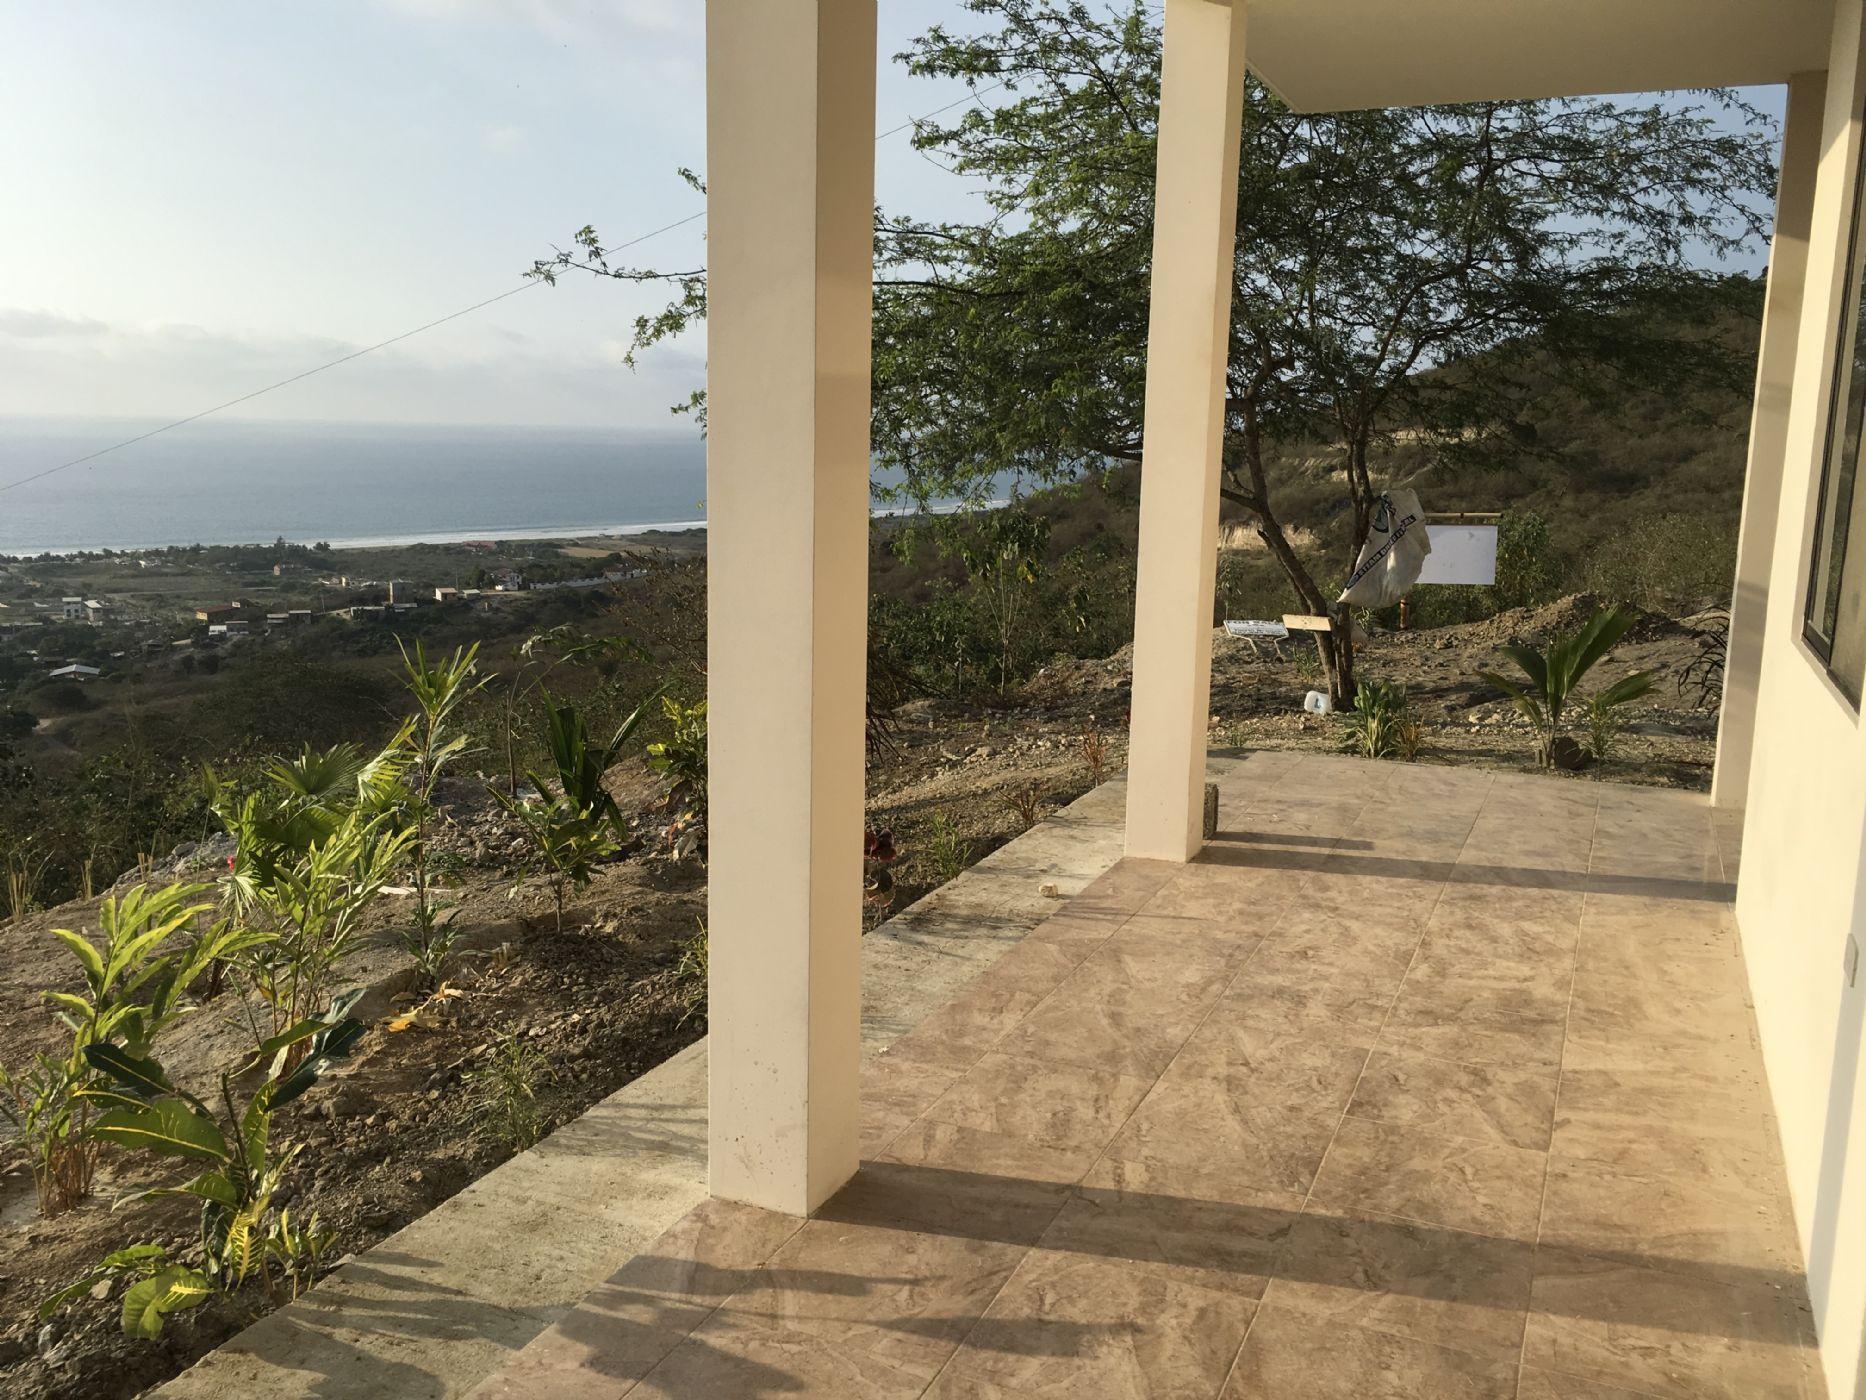 Puerto-Lopez-Ecuador-property-513689-4.JPG